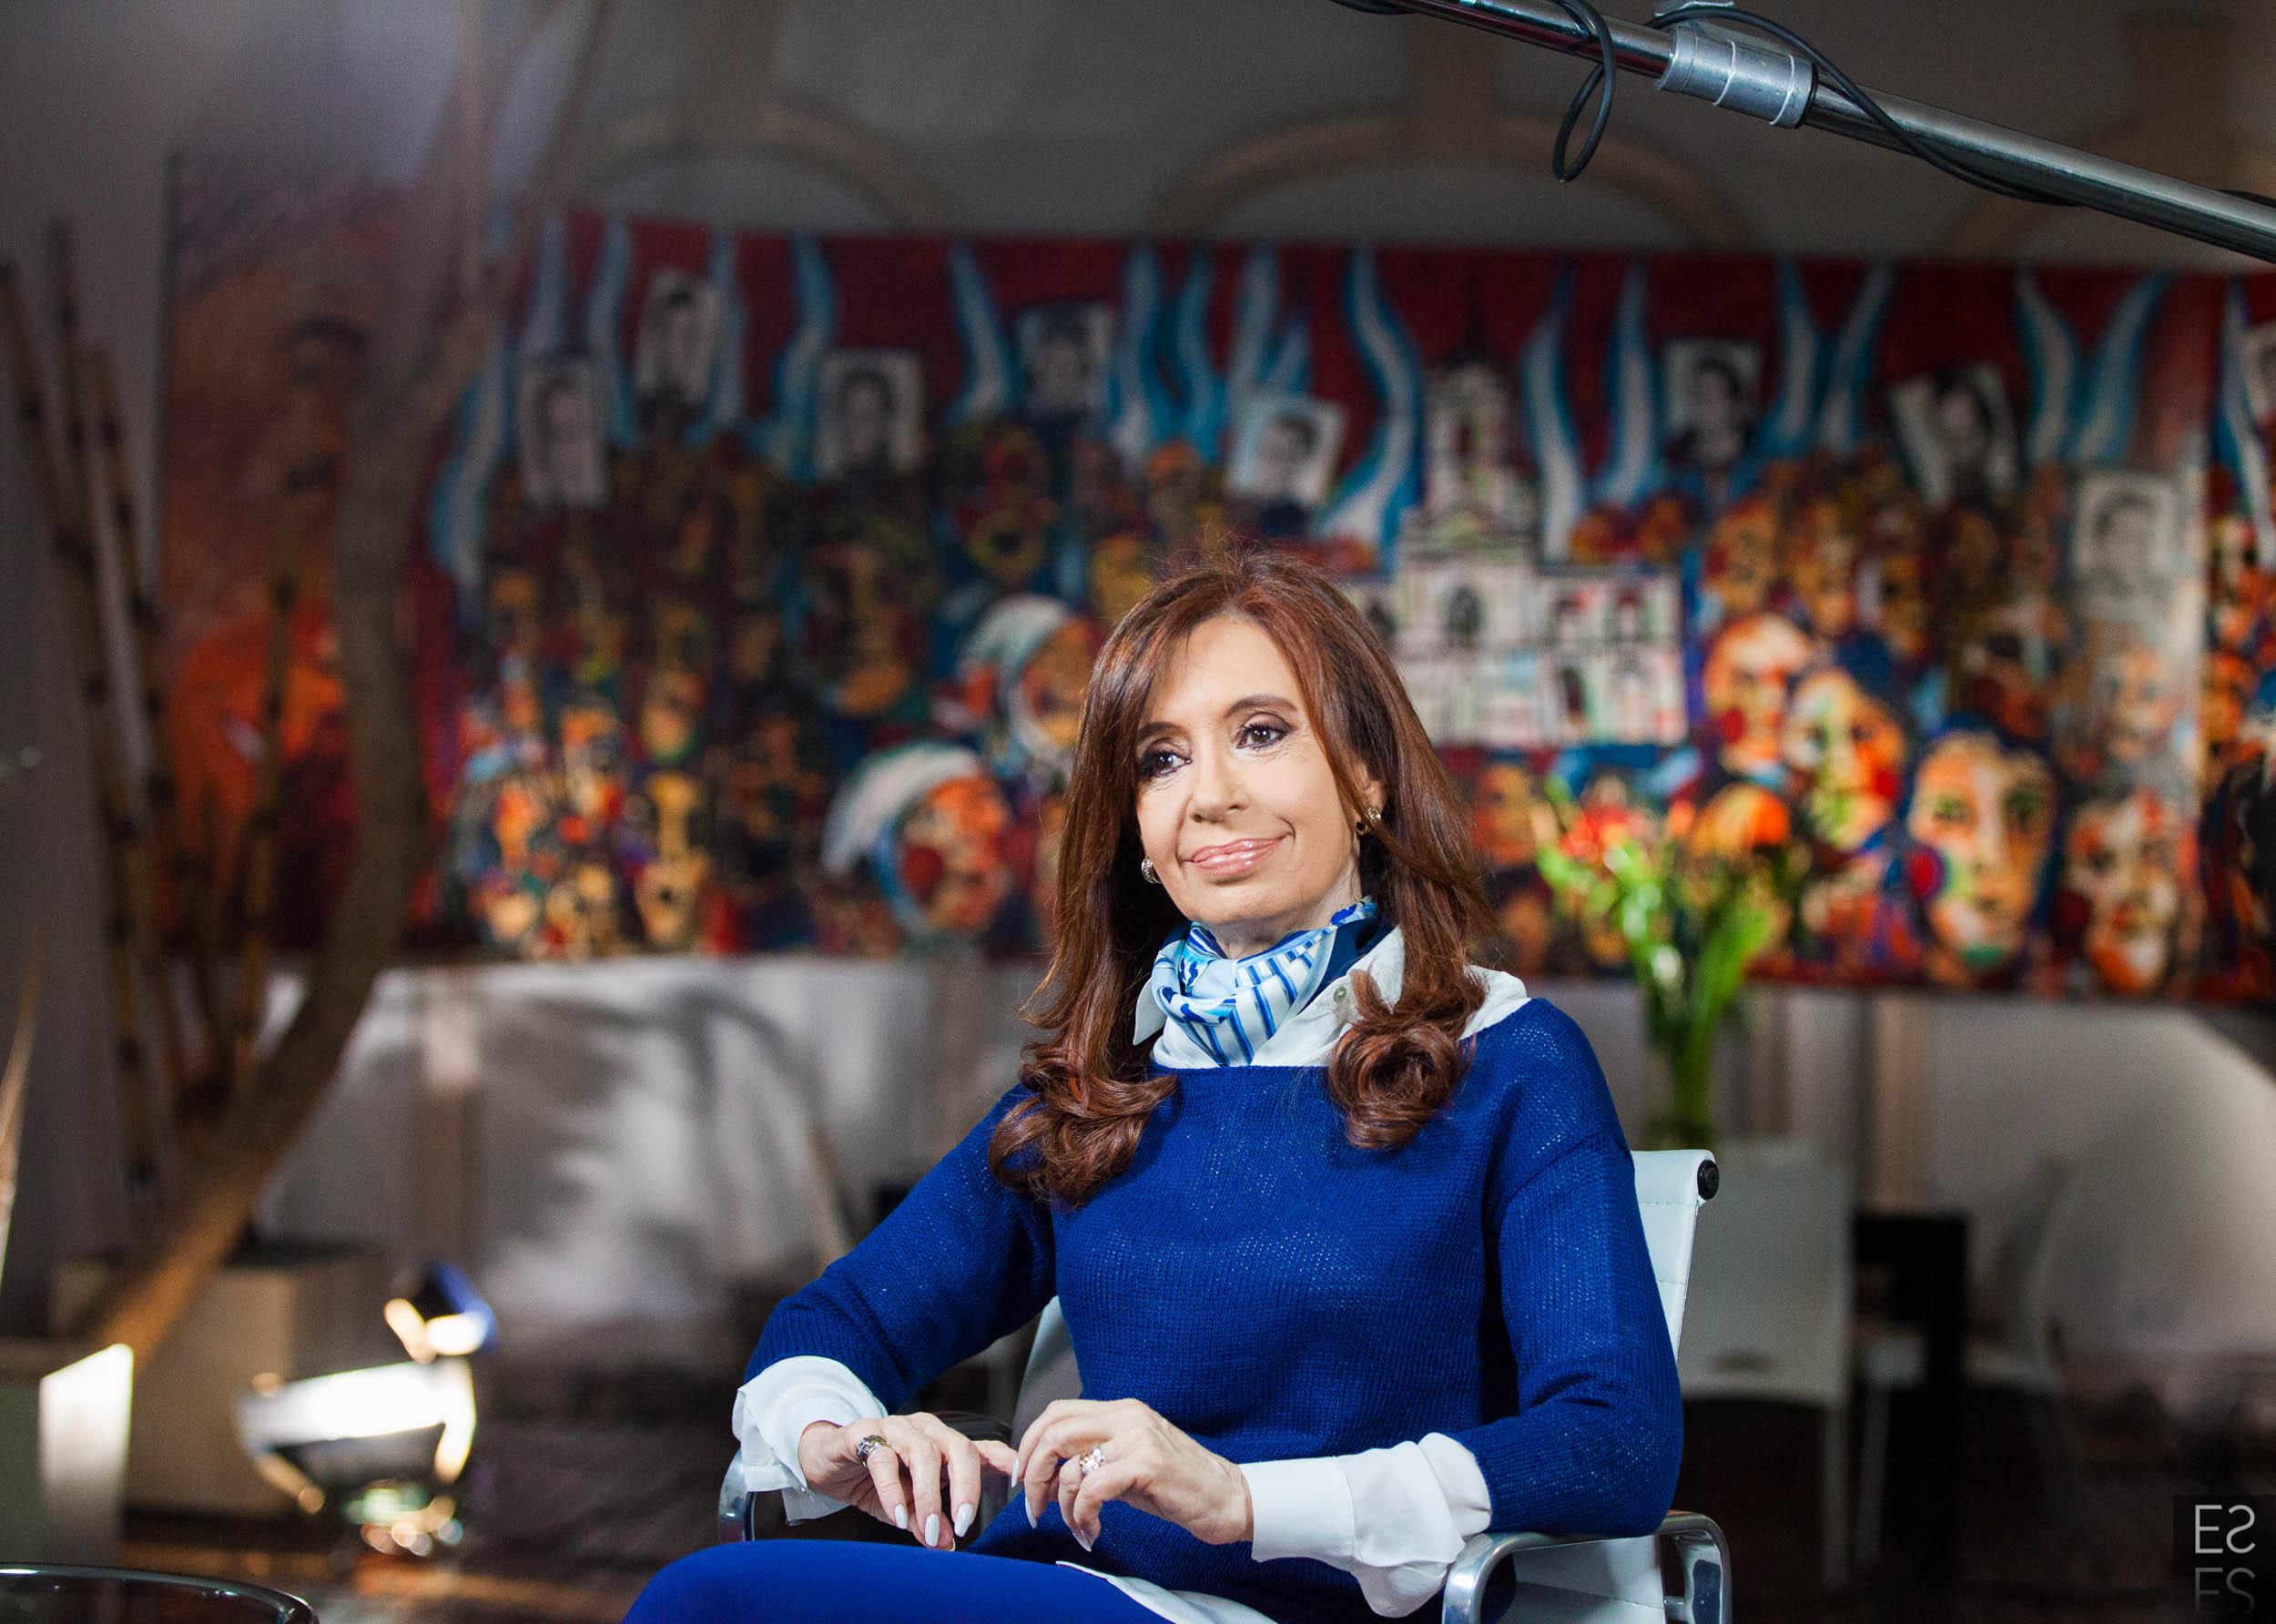 Entrevista a Cristina por C5N, desde el Instituto PATRIA.